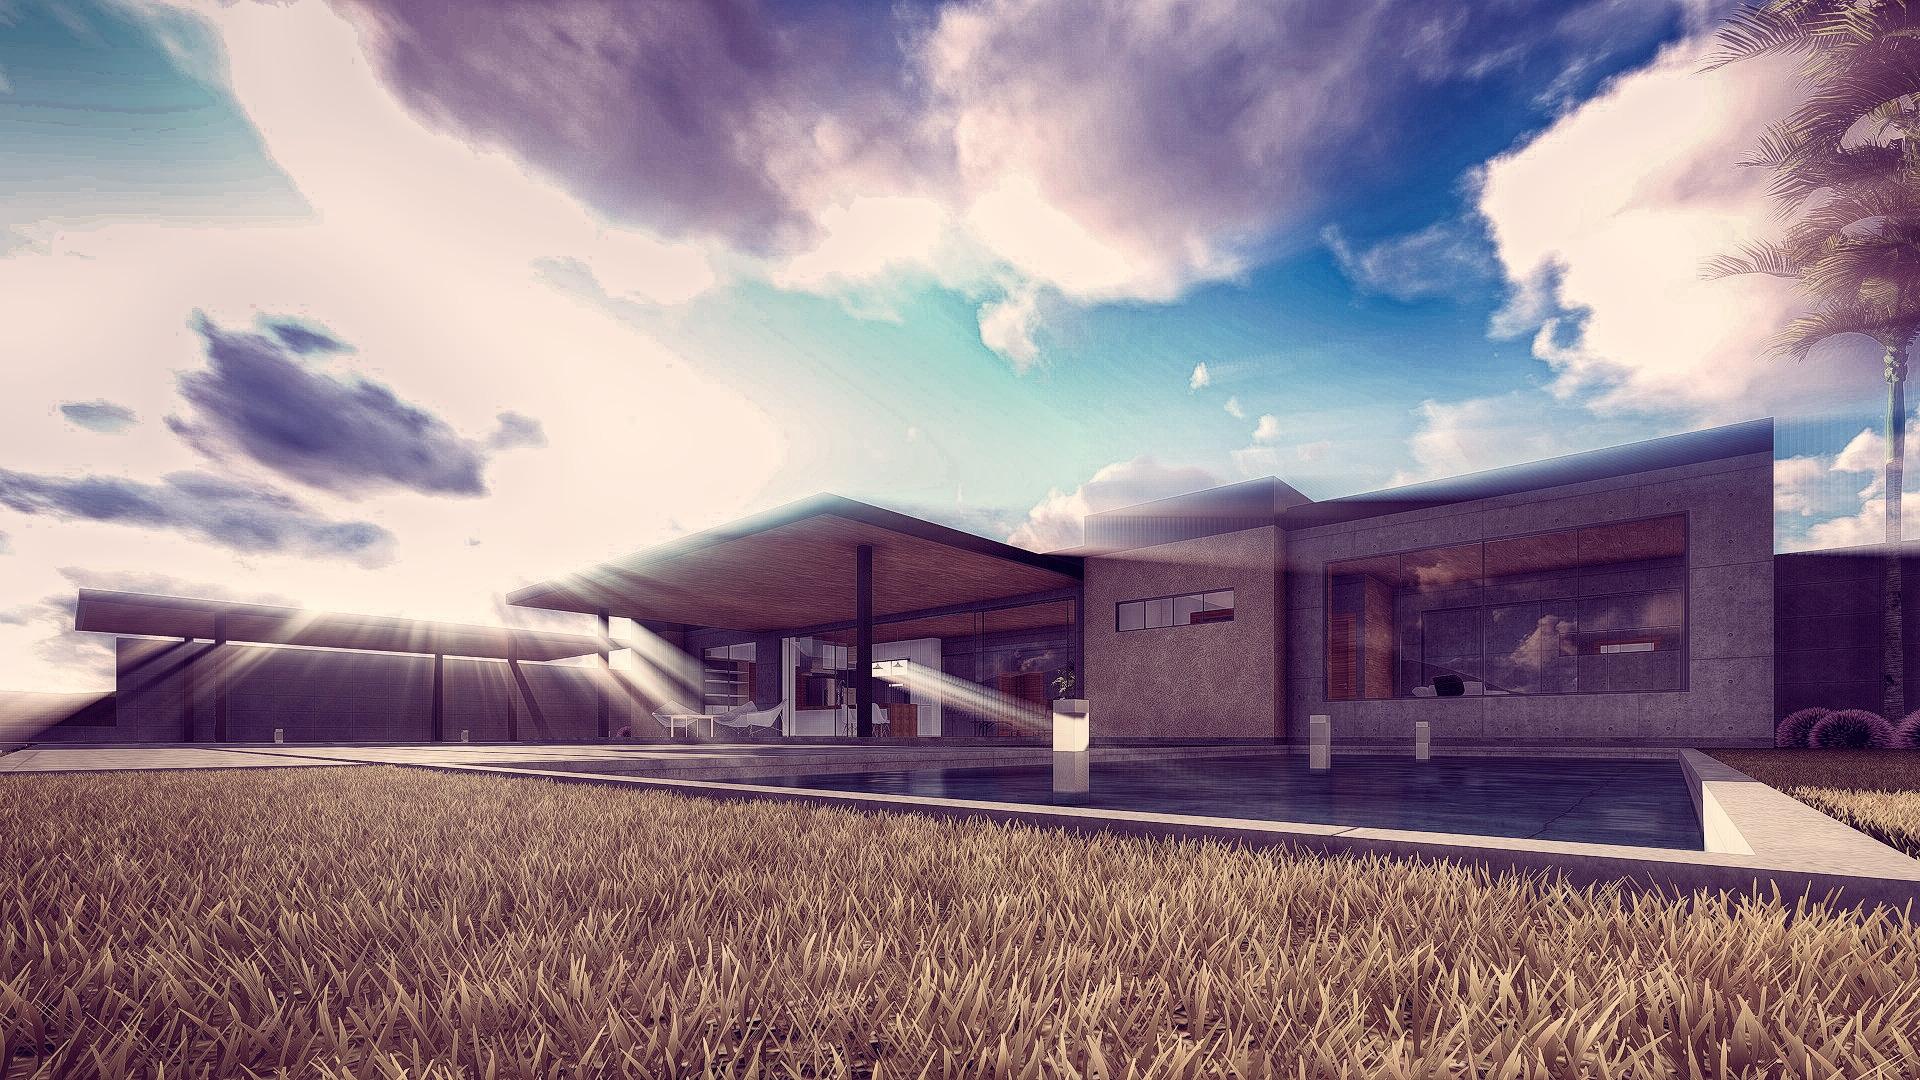 House Design - architecture, arquitetura - magencio | ello